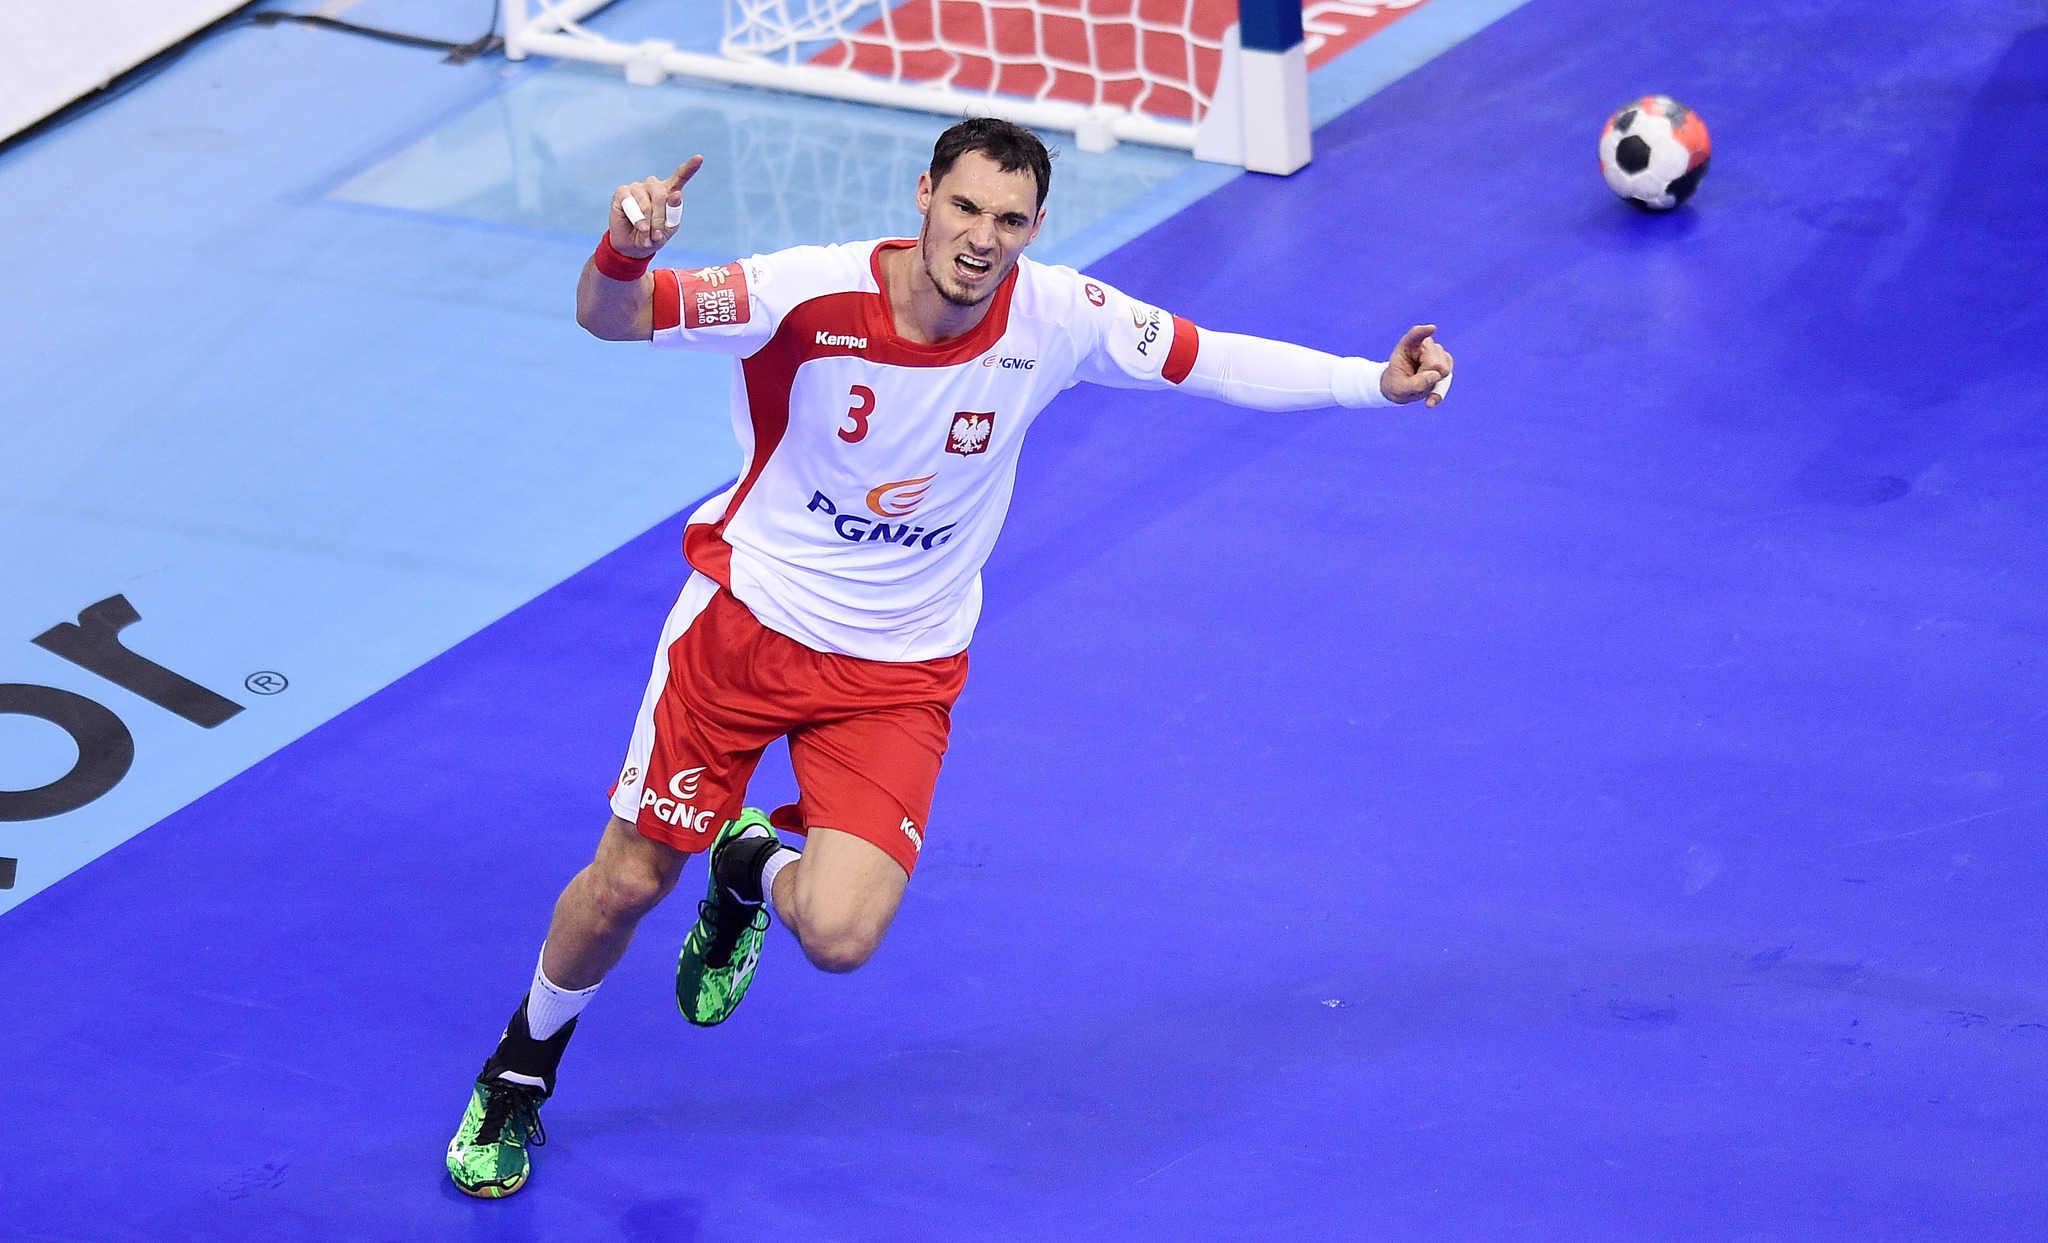 3a6b67c56 ... w piłkę ręczną pewnie pokonała przed krakowską publicznością zespół  Białorusi 32:27 i zrobiła ważny krok w kierunku walki o półfinał Mistrzostw  Europy ...